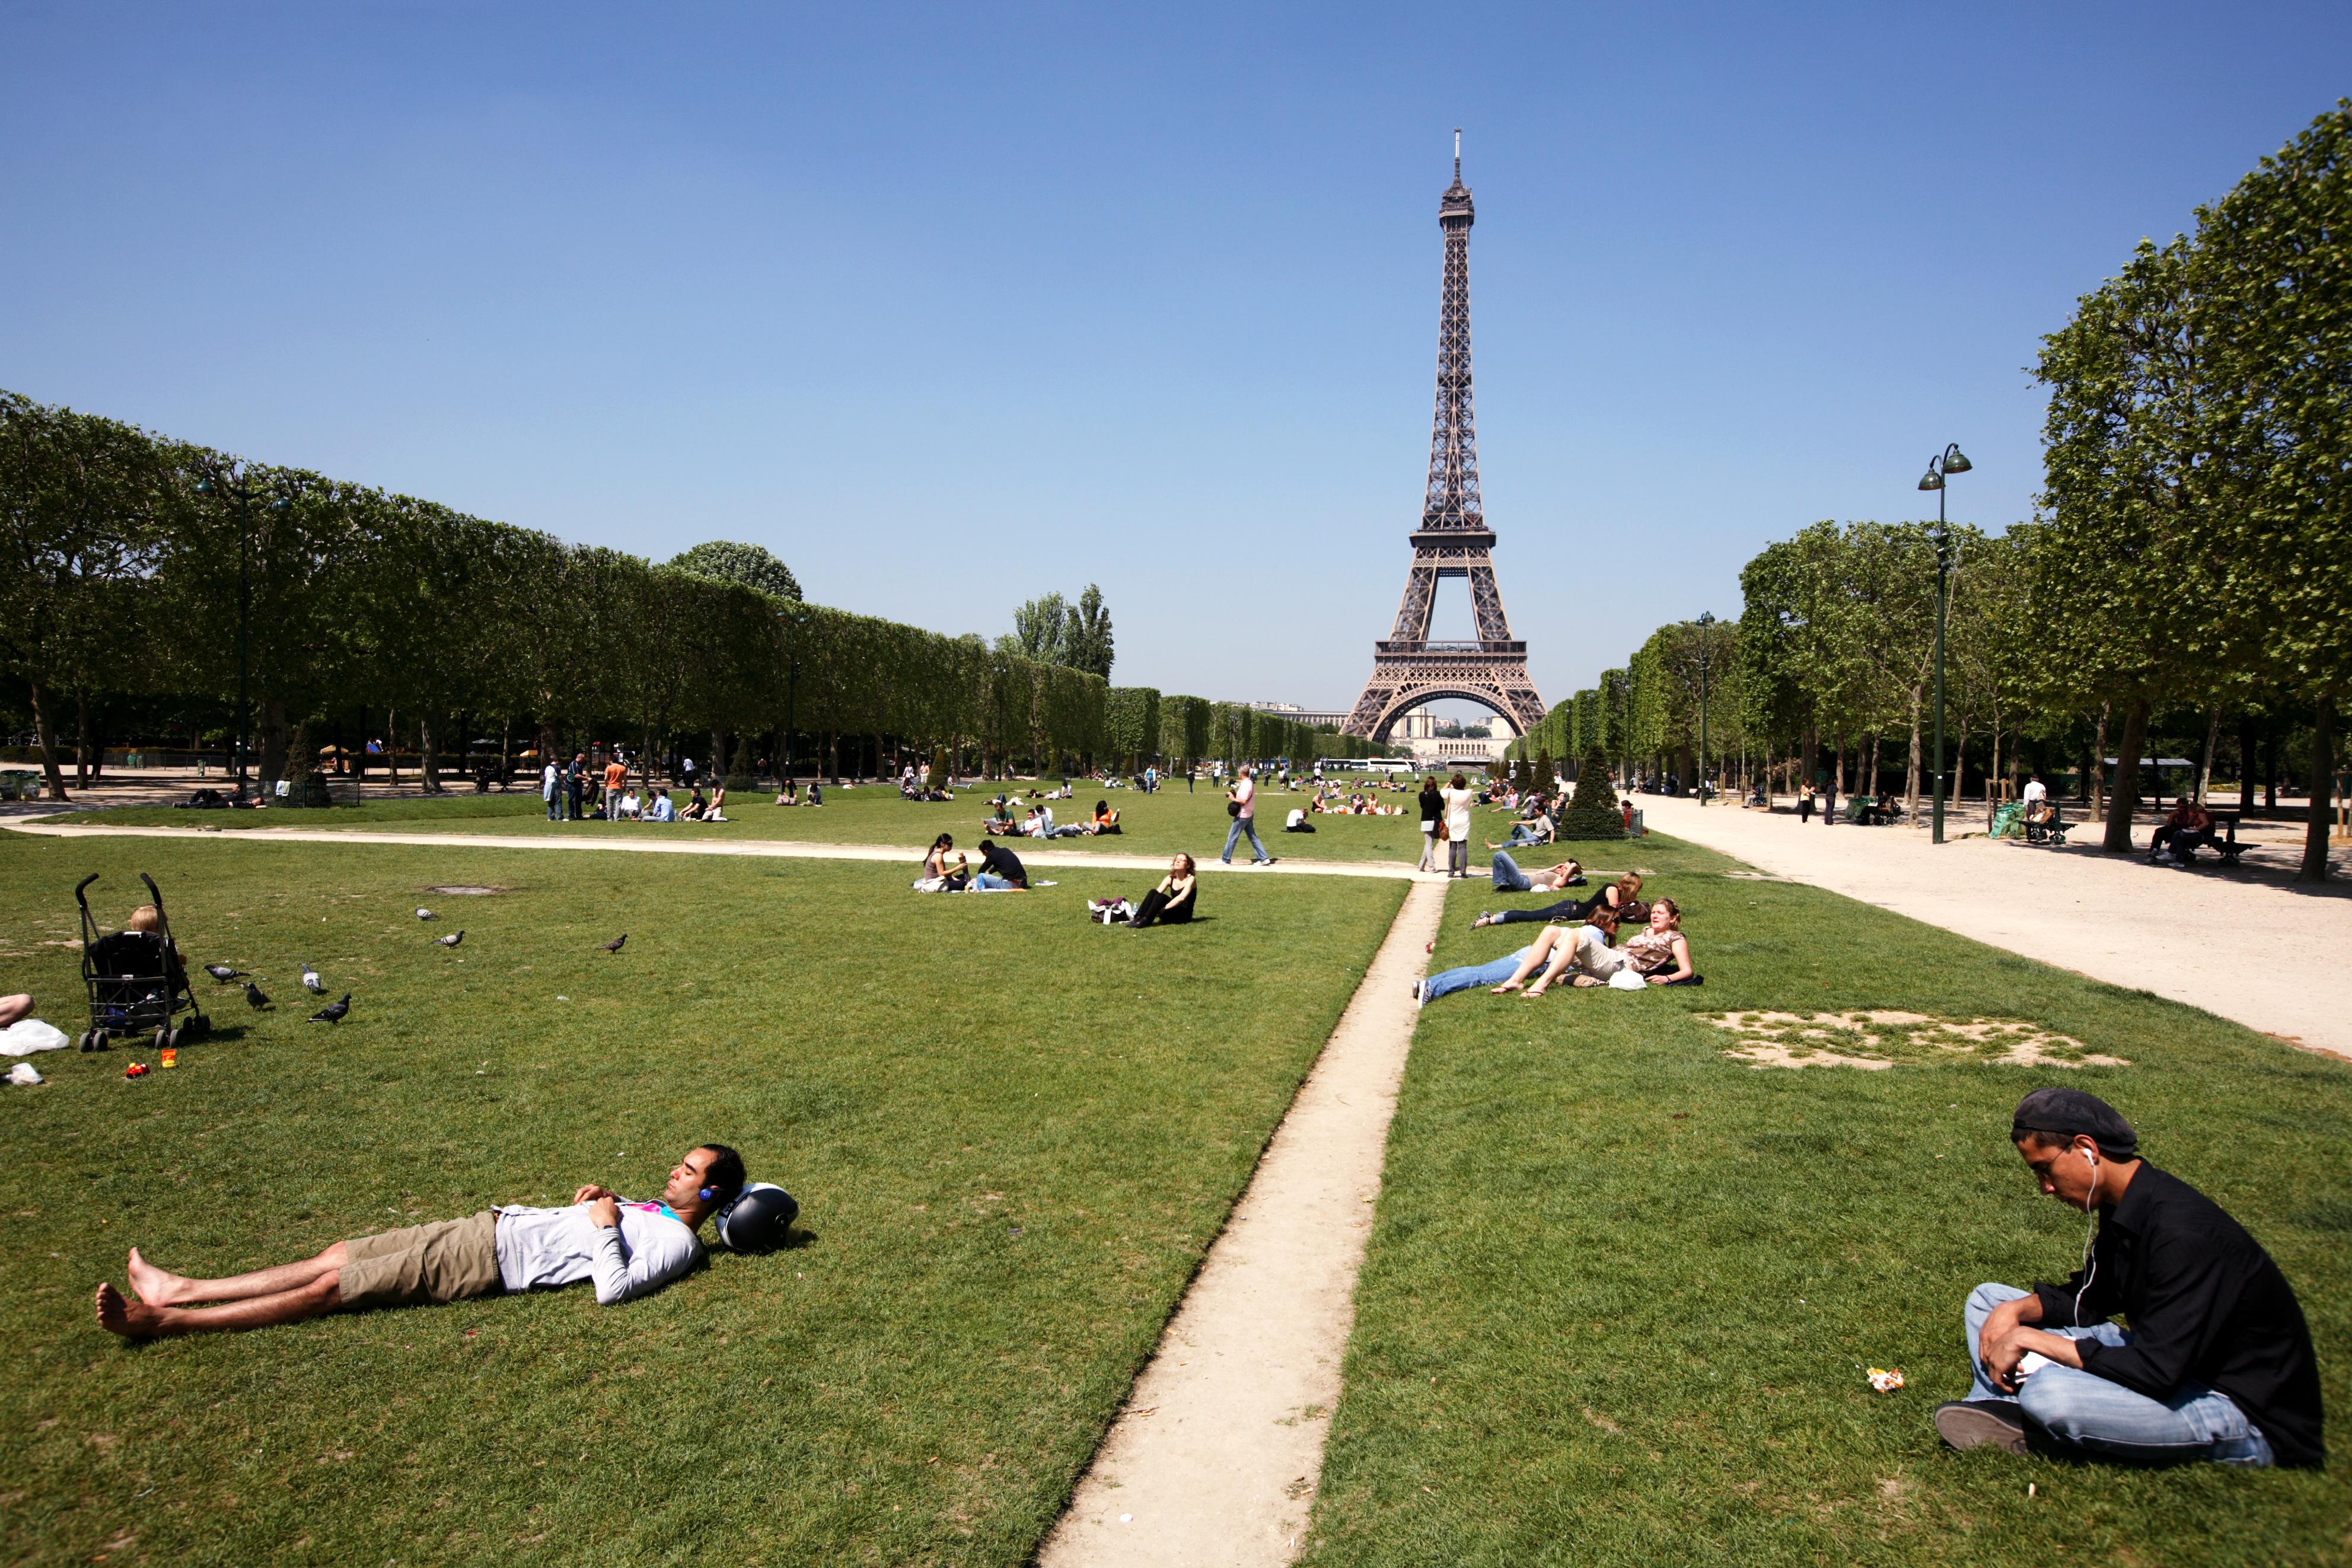 Parc du Champ de Mars | Paris, France Attractions - Lonely